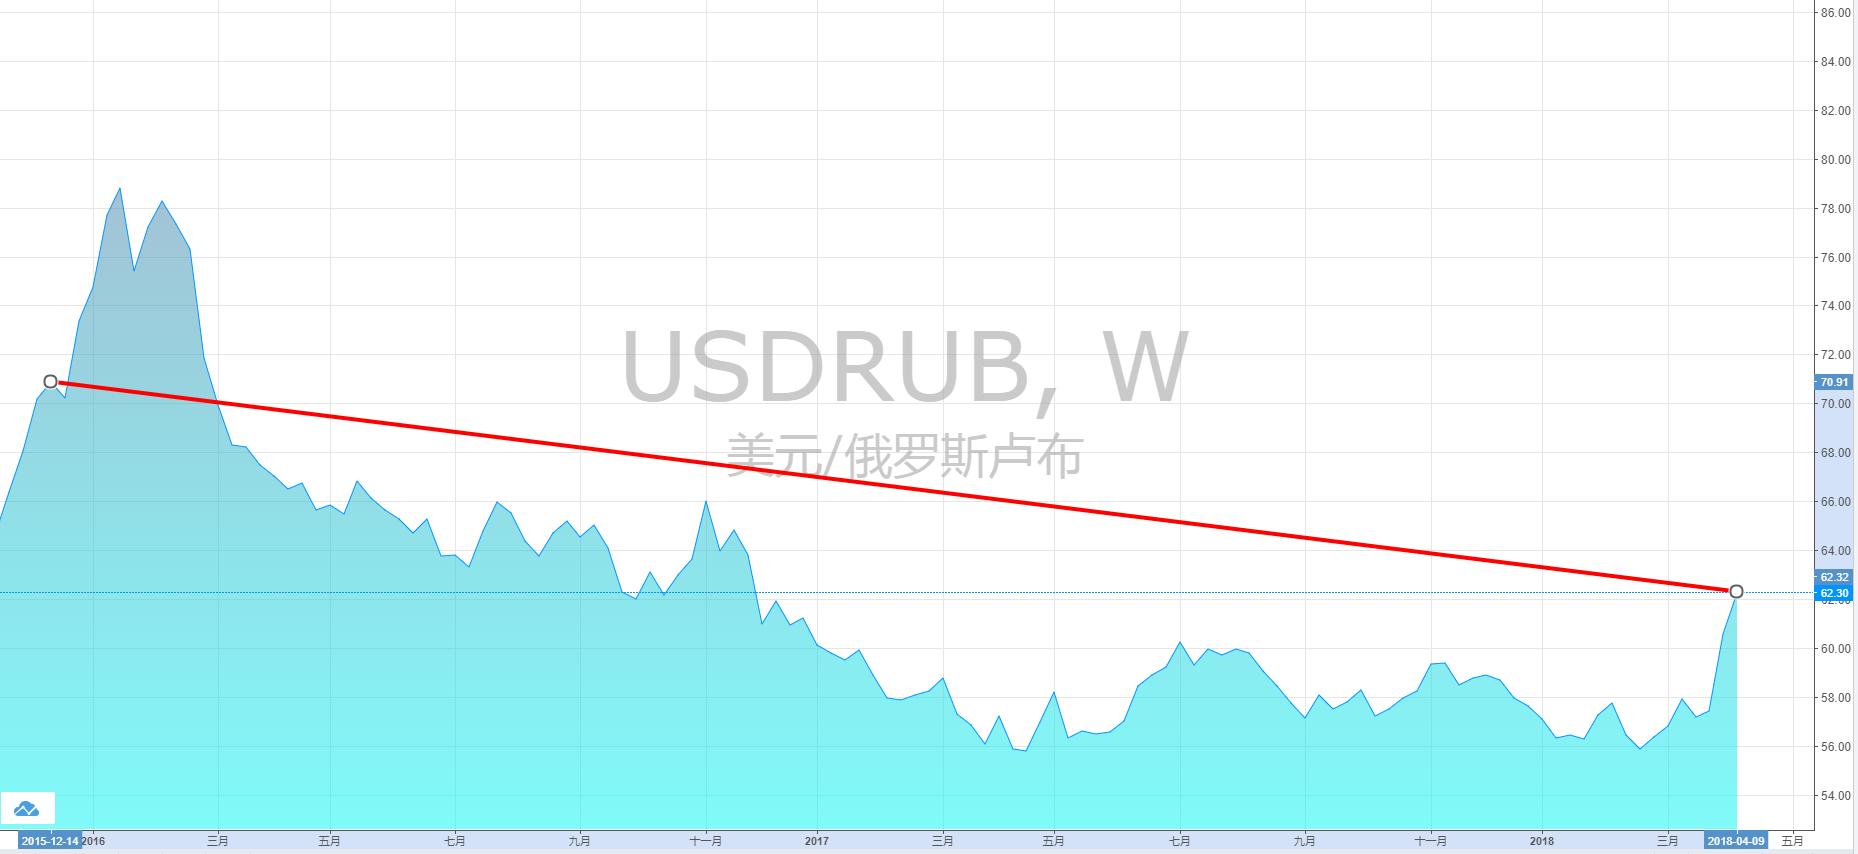 """特朗普抨击中俄玩""""货币贬值游戏"""" 事实真的如此吗?"""